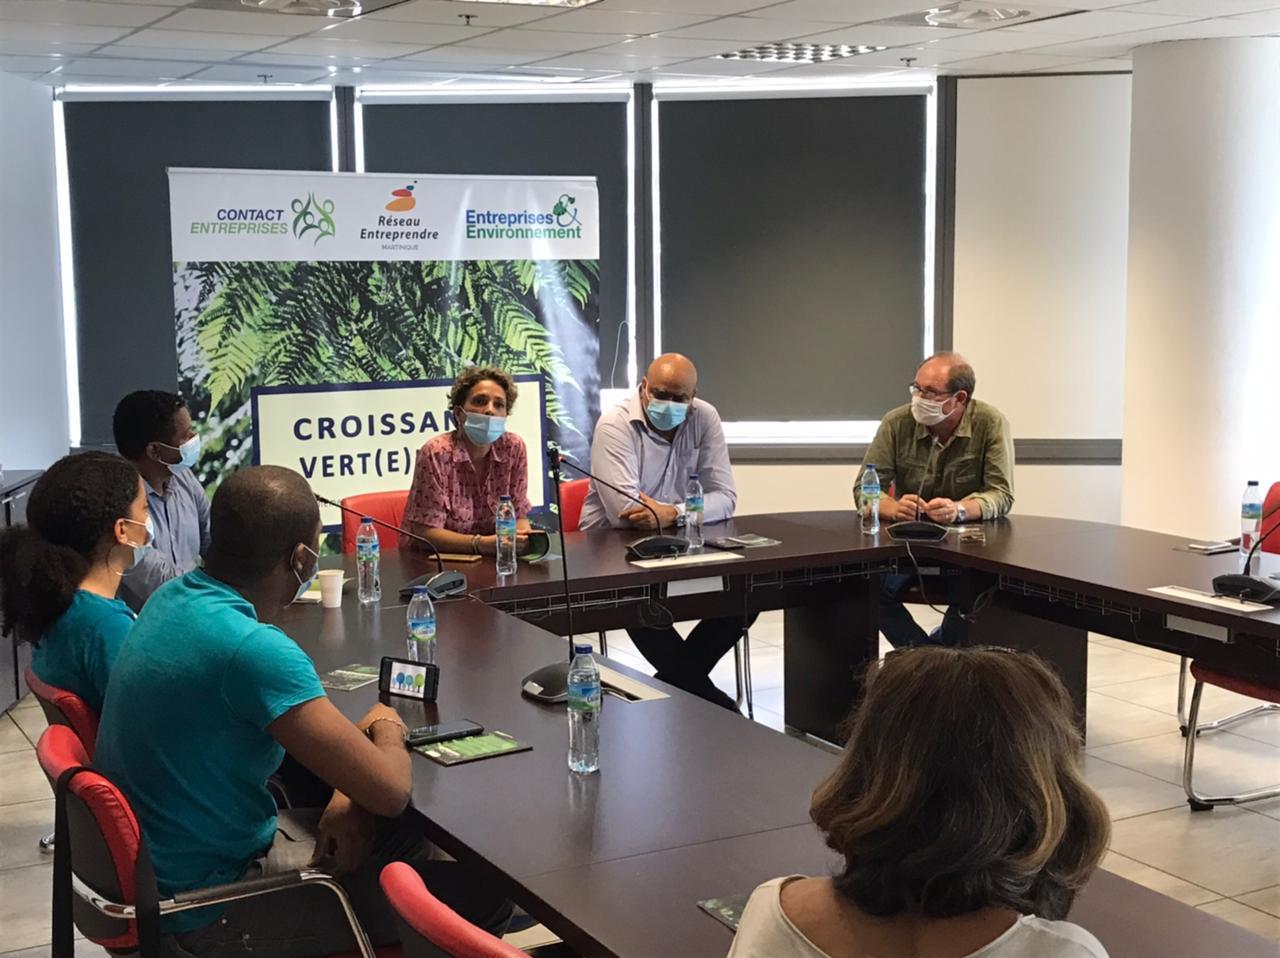 Contact-Entreprises fait un focus sur la croissance verte et l'écologie